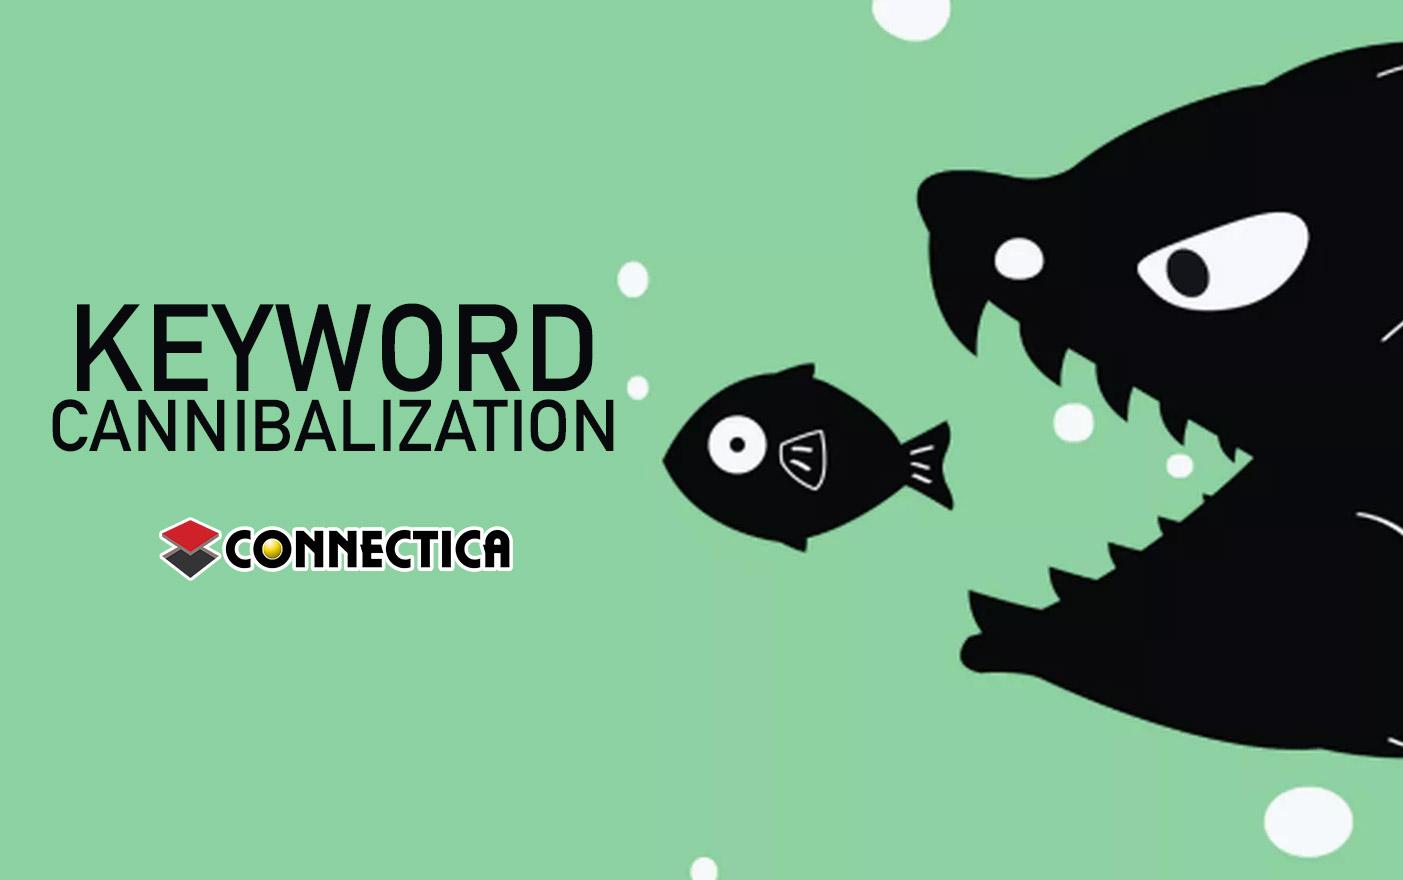 کلمه کلیدی Cannibalization چیست؟